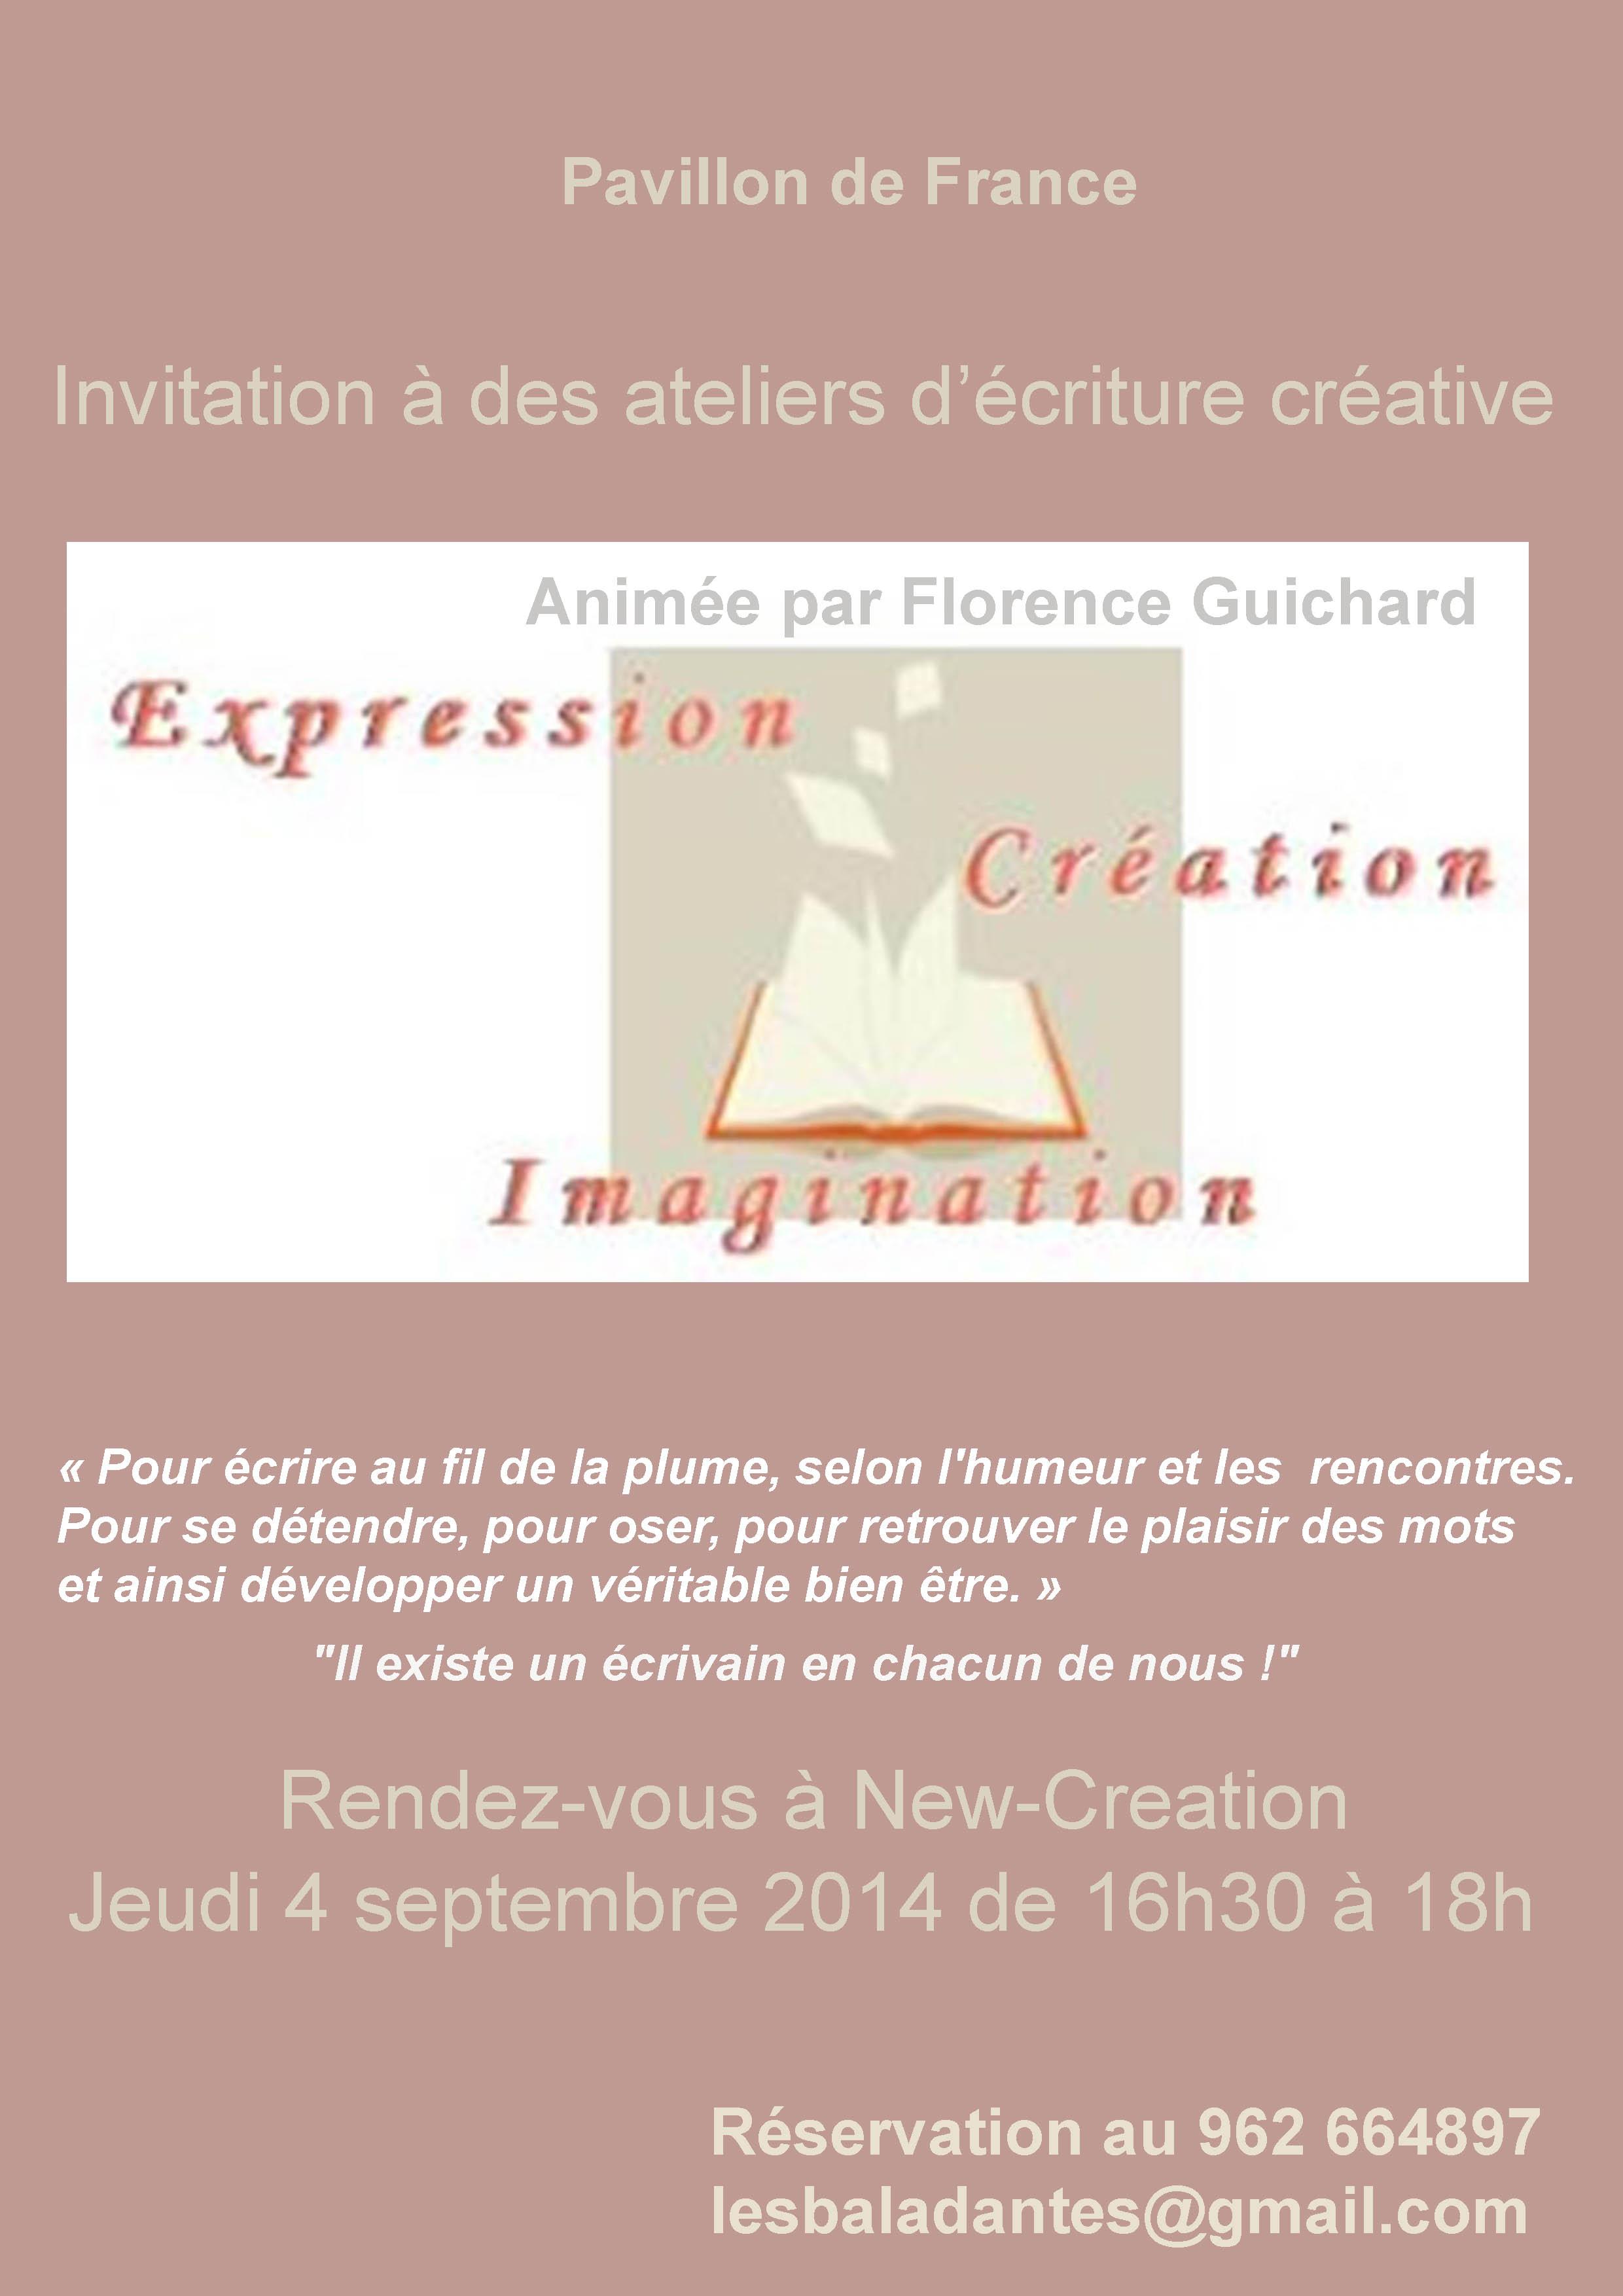 Ateliers d'écritures, Florence Guichard